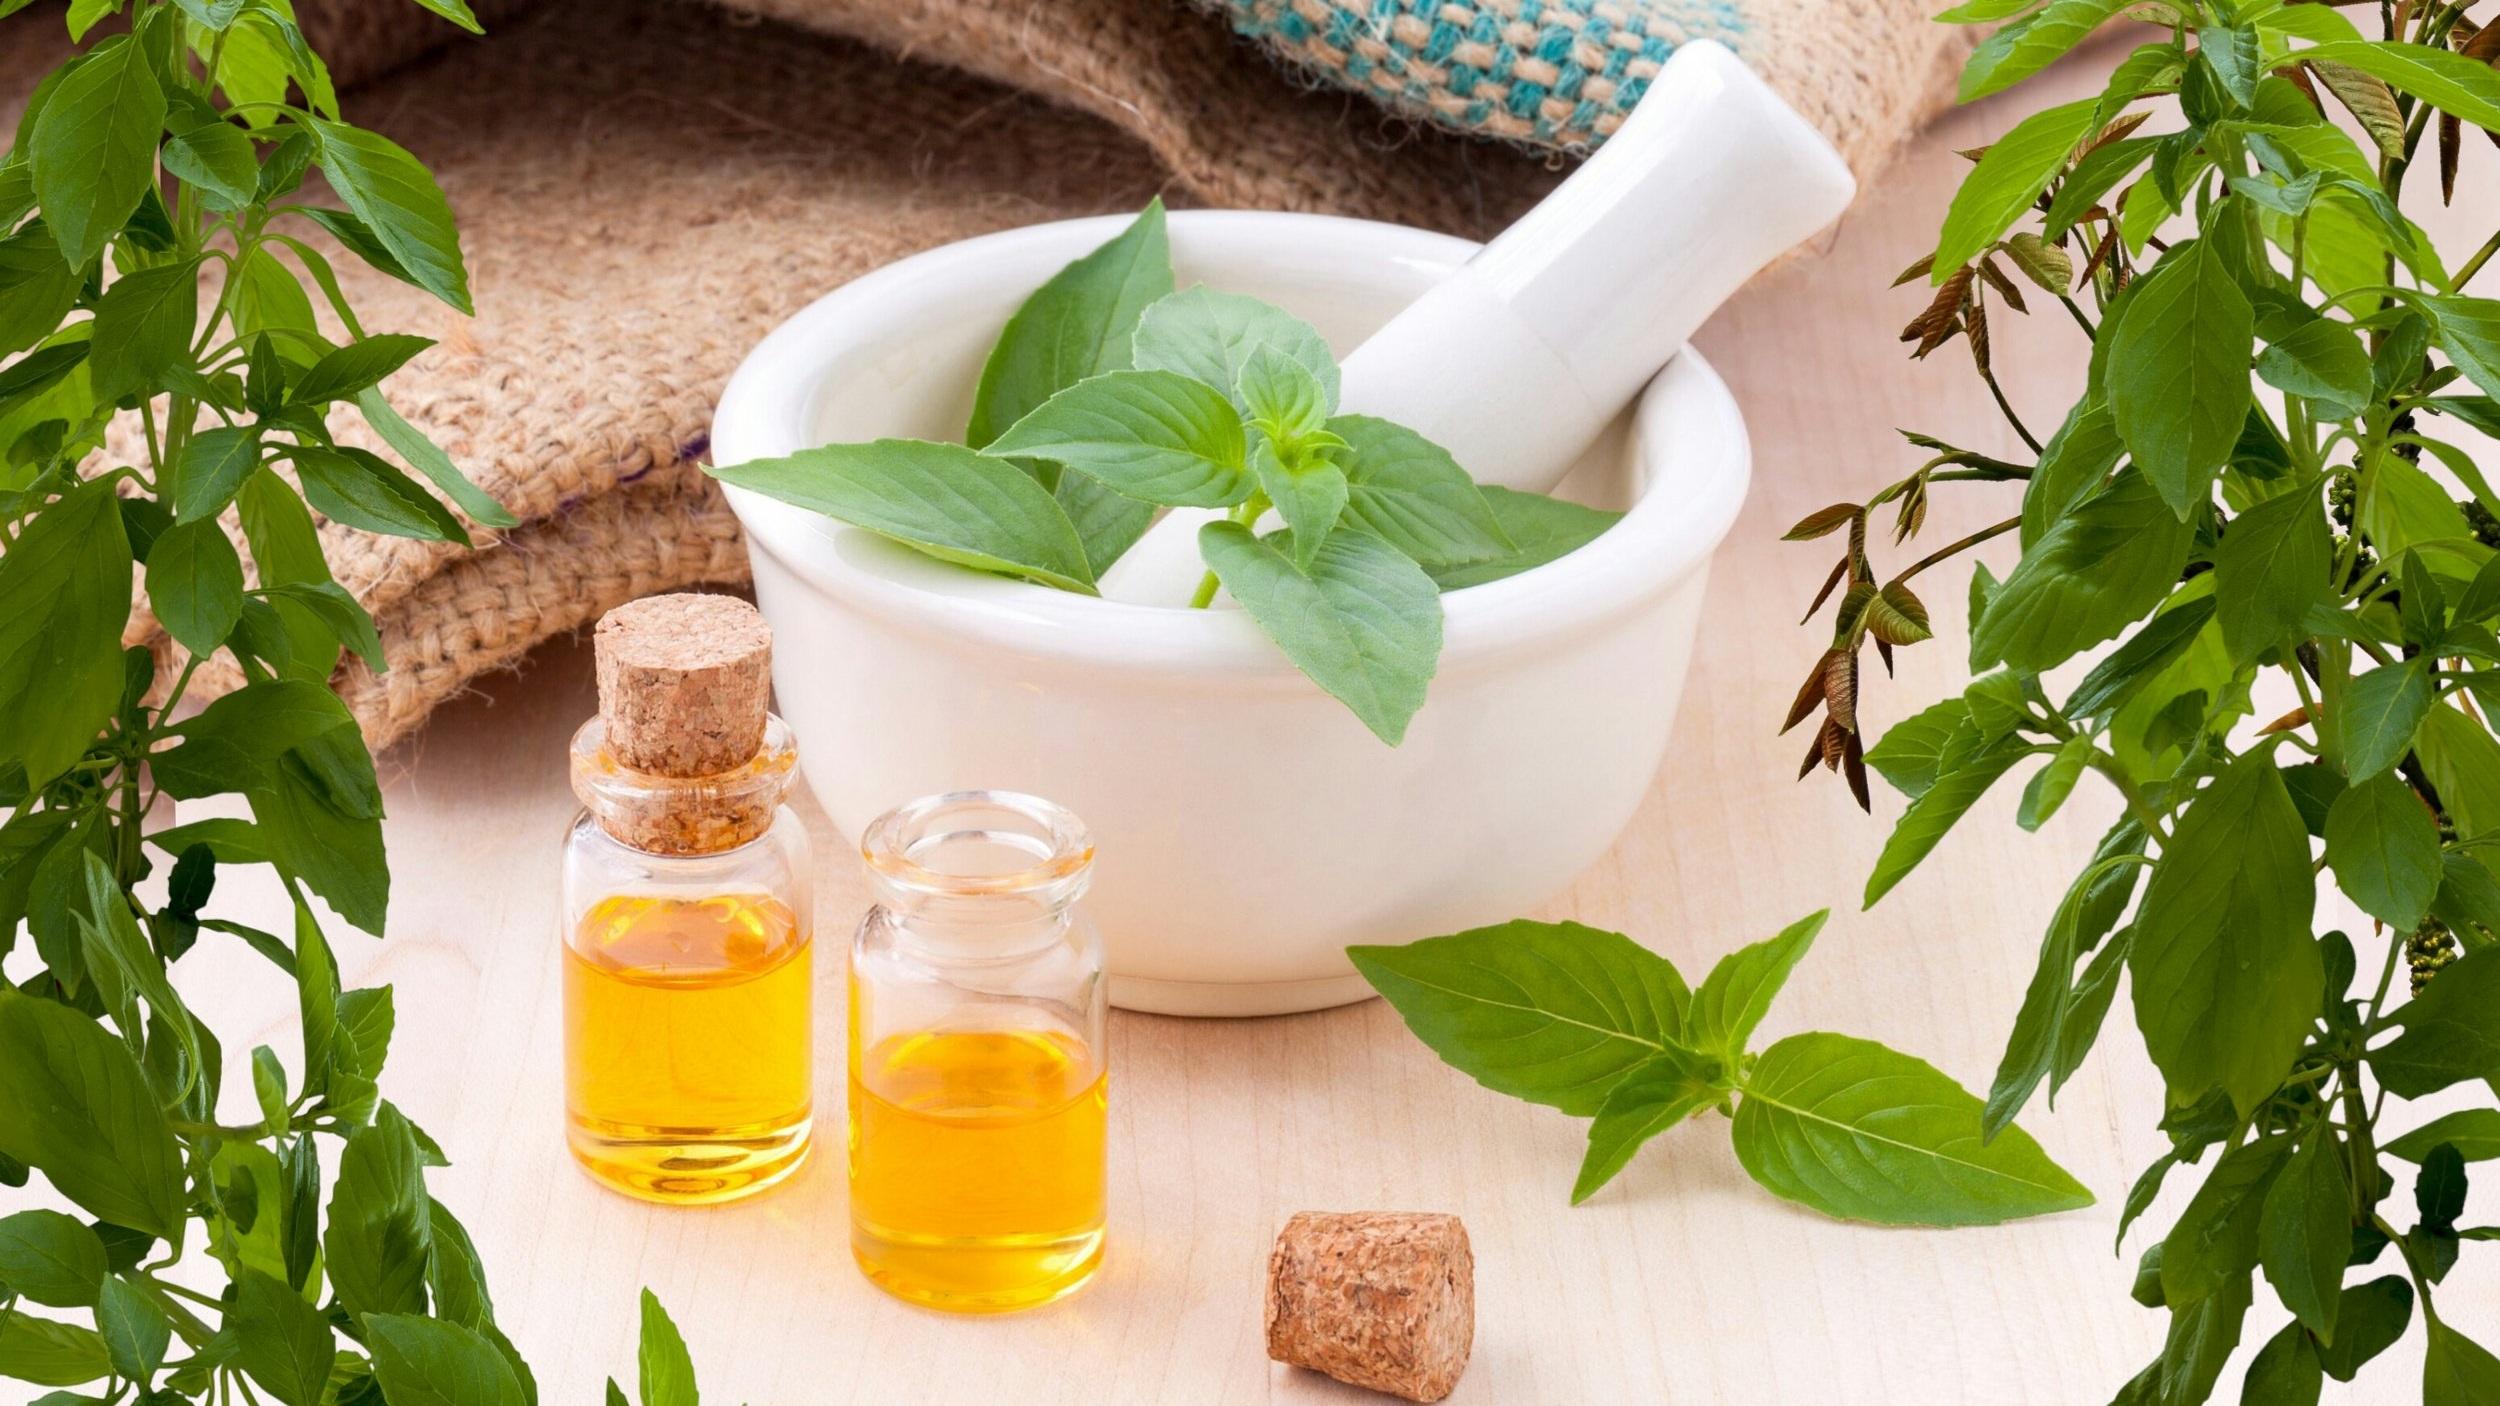 Produtos Biológicos - Todos os nossos cosméticos são confeccionados com ingredientes vegetais e minerais, livres de produtos químicos tóxicos.